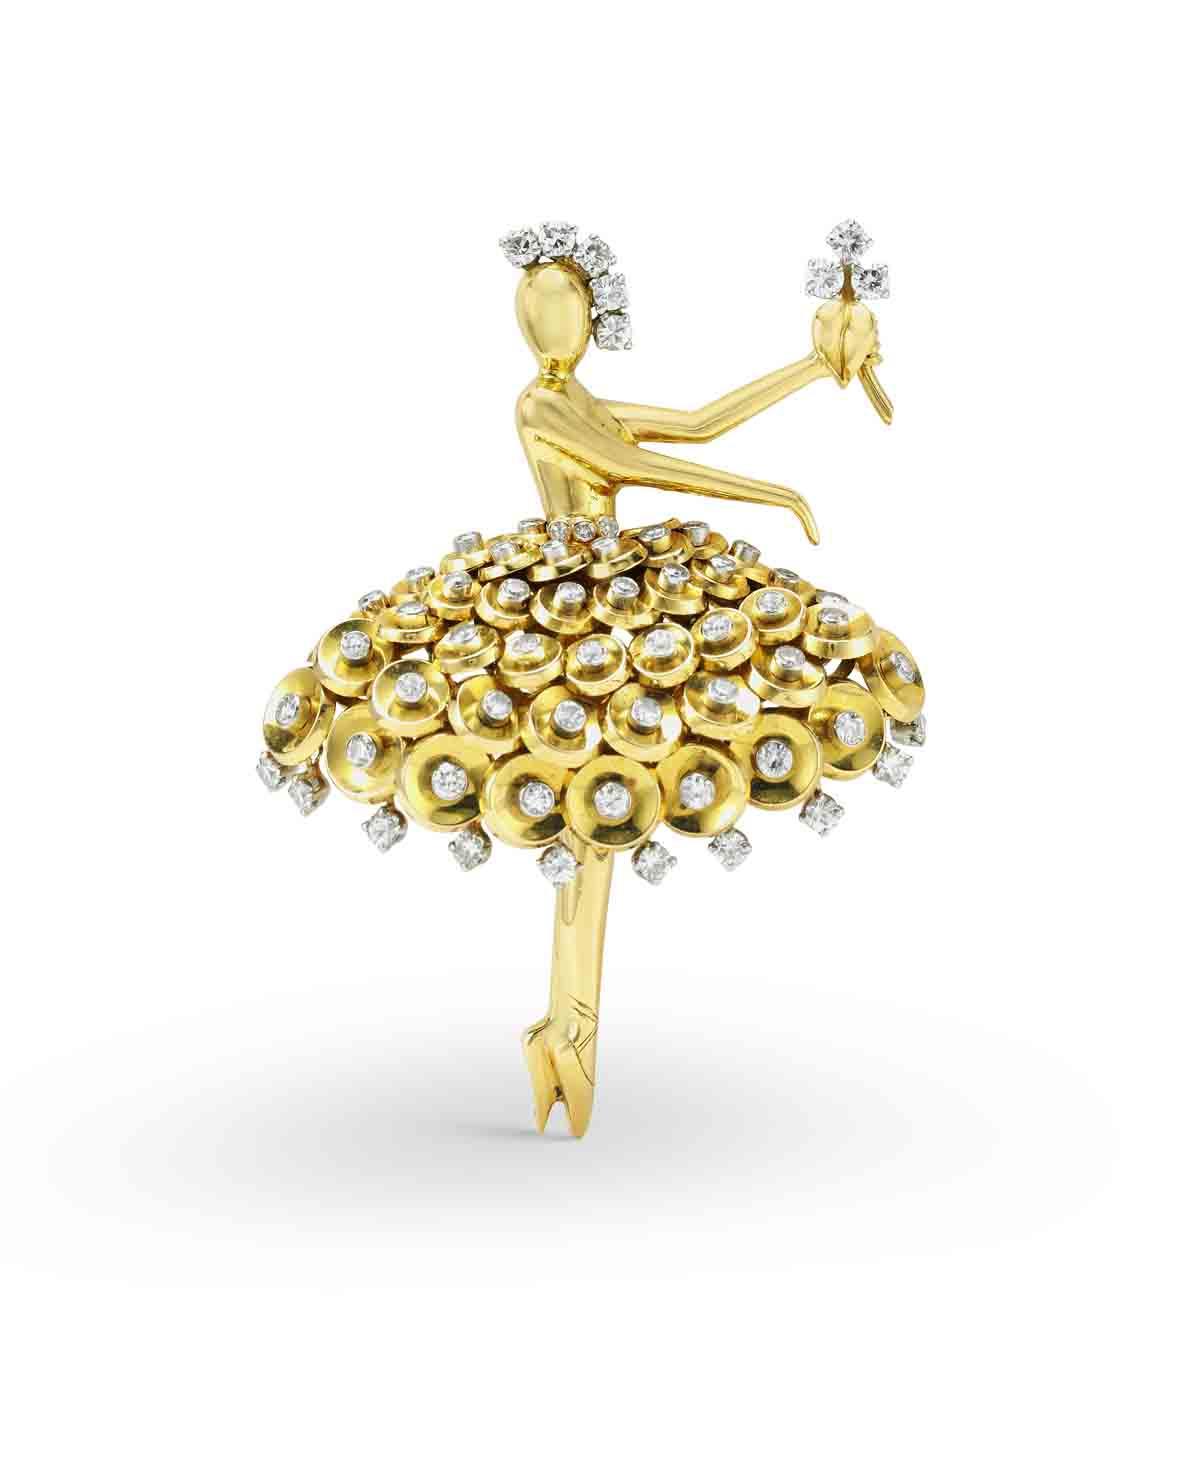 مشبك سيكوين باليرينا، 1953 ب اتين، ذهب أصفر، ذهب وردي، ل ذهب أبيض، ماس